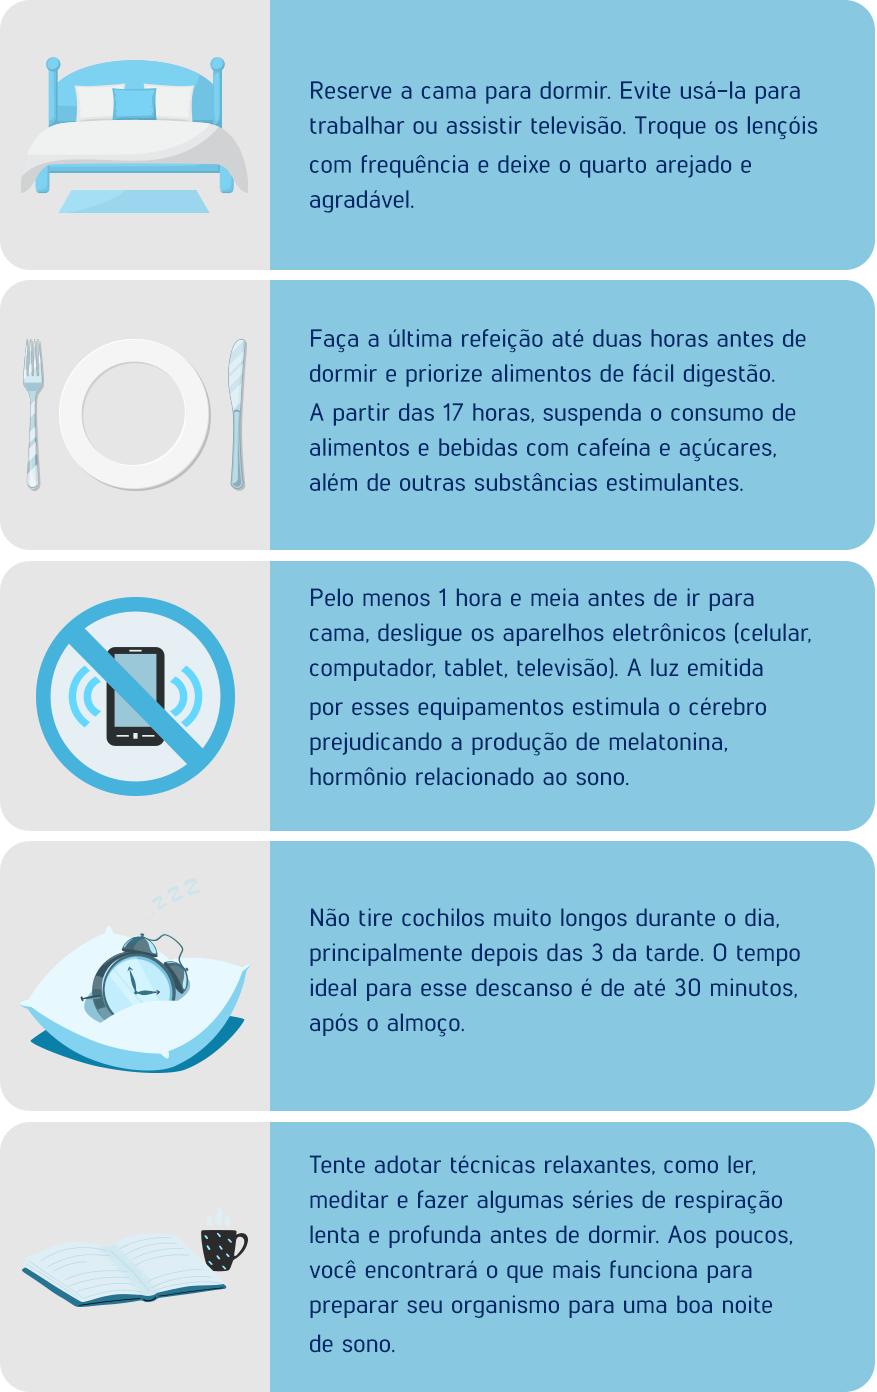 sulamerica_2020_saude_artigo_insonia-pandemia_05